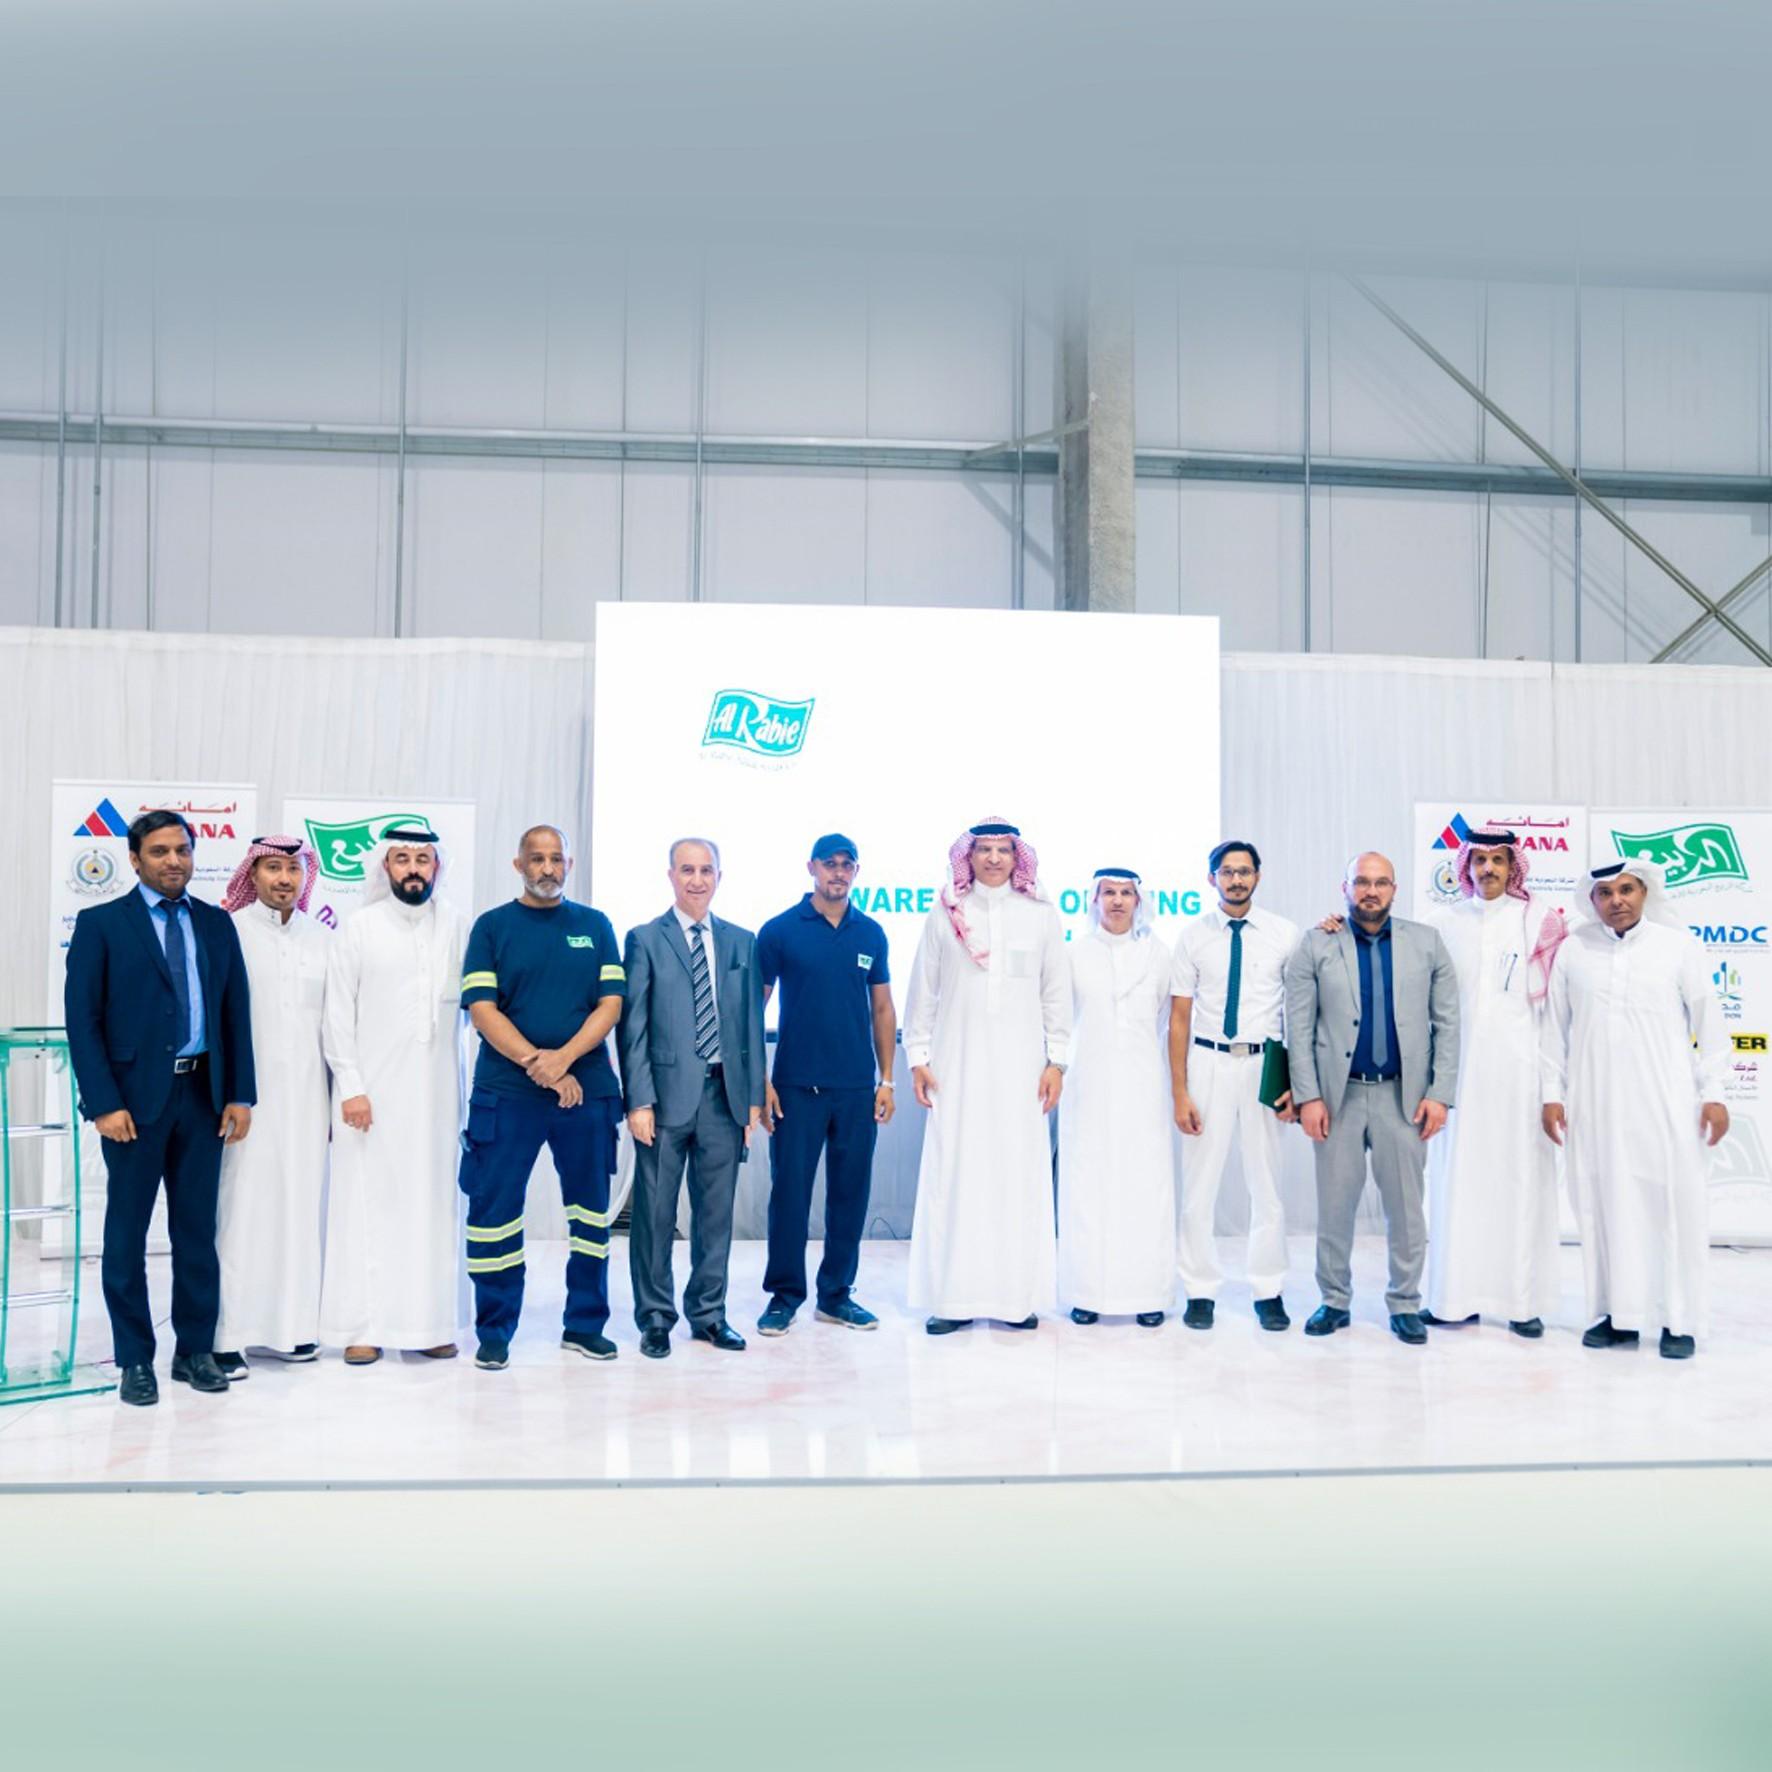 شركة الربيع السعودية للأغذية تفتتح مستودعها الجديد في مدينة الرياض